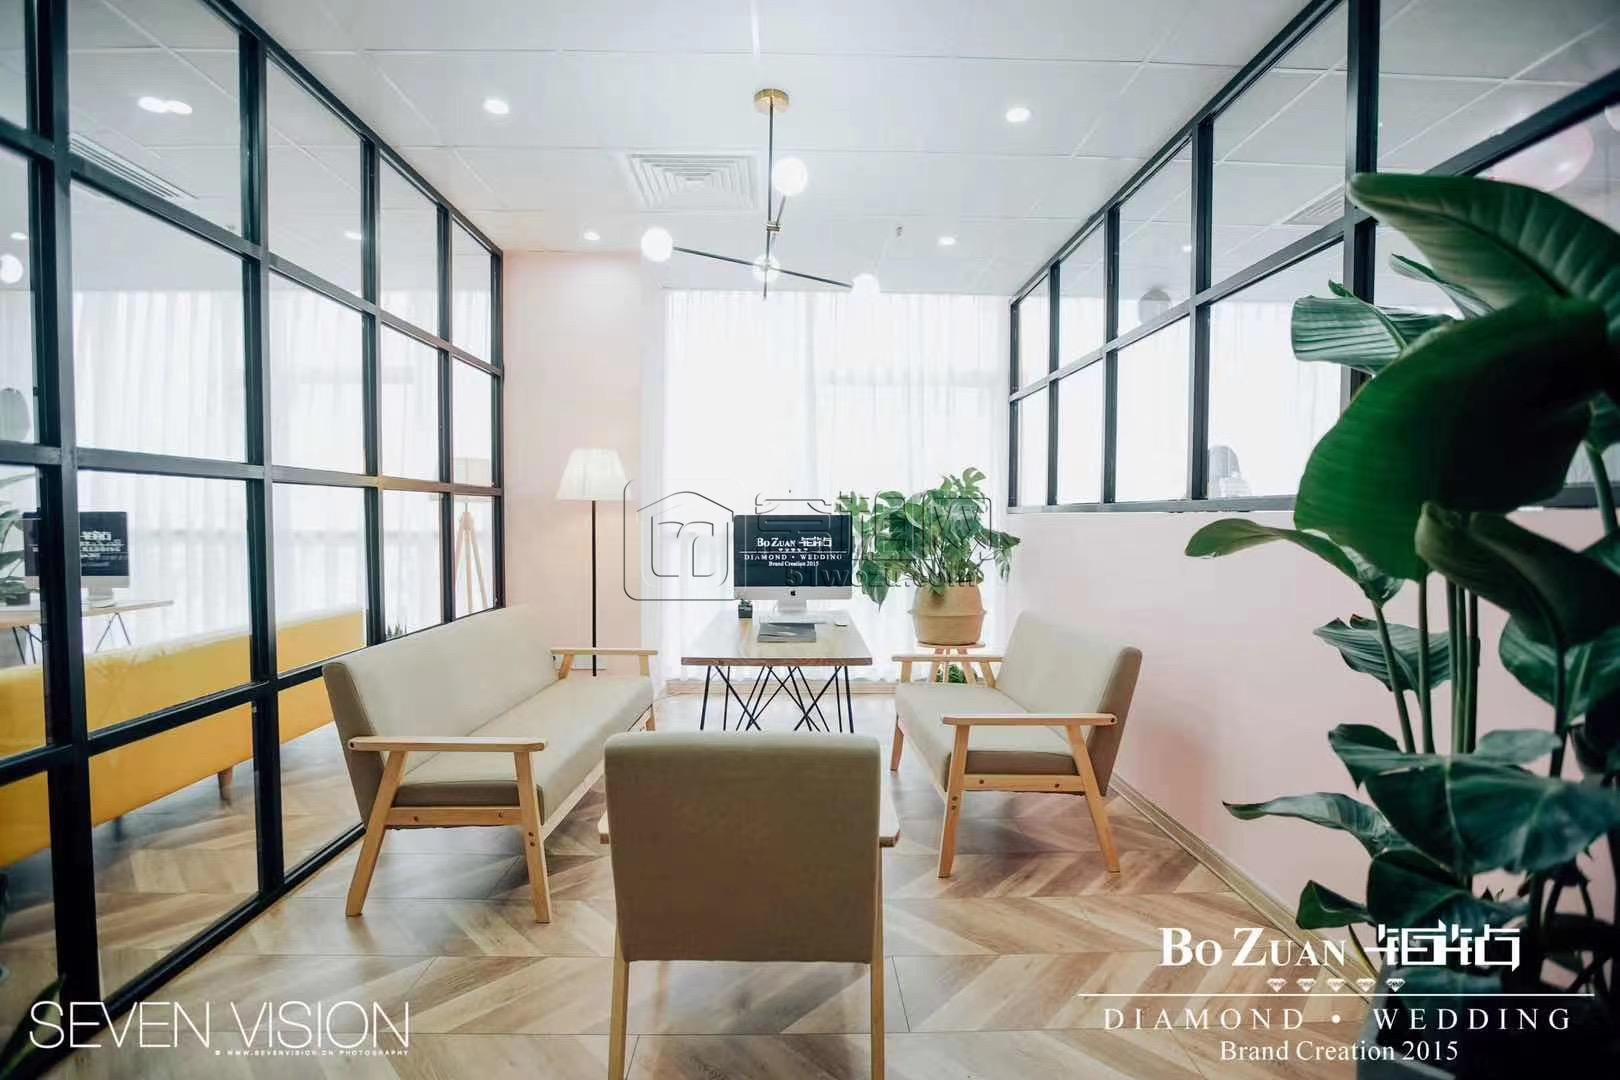 鄞州商务大厦170平米精装办公室转租